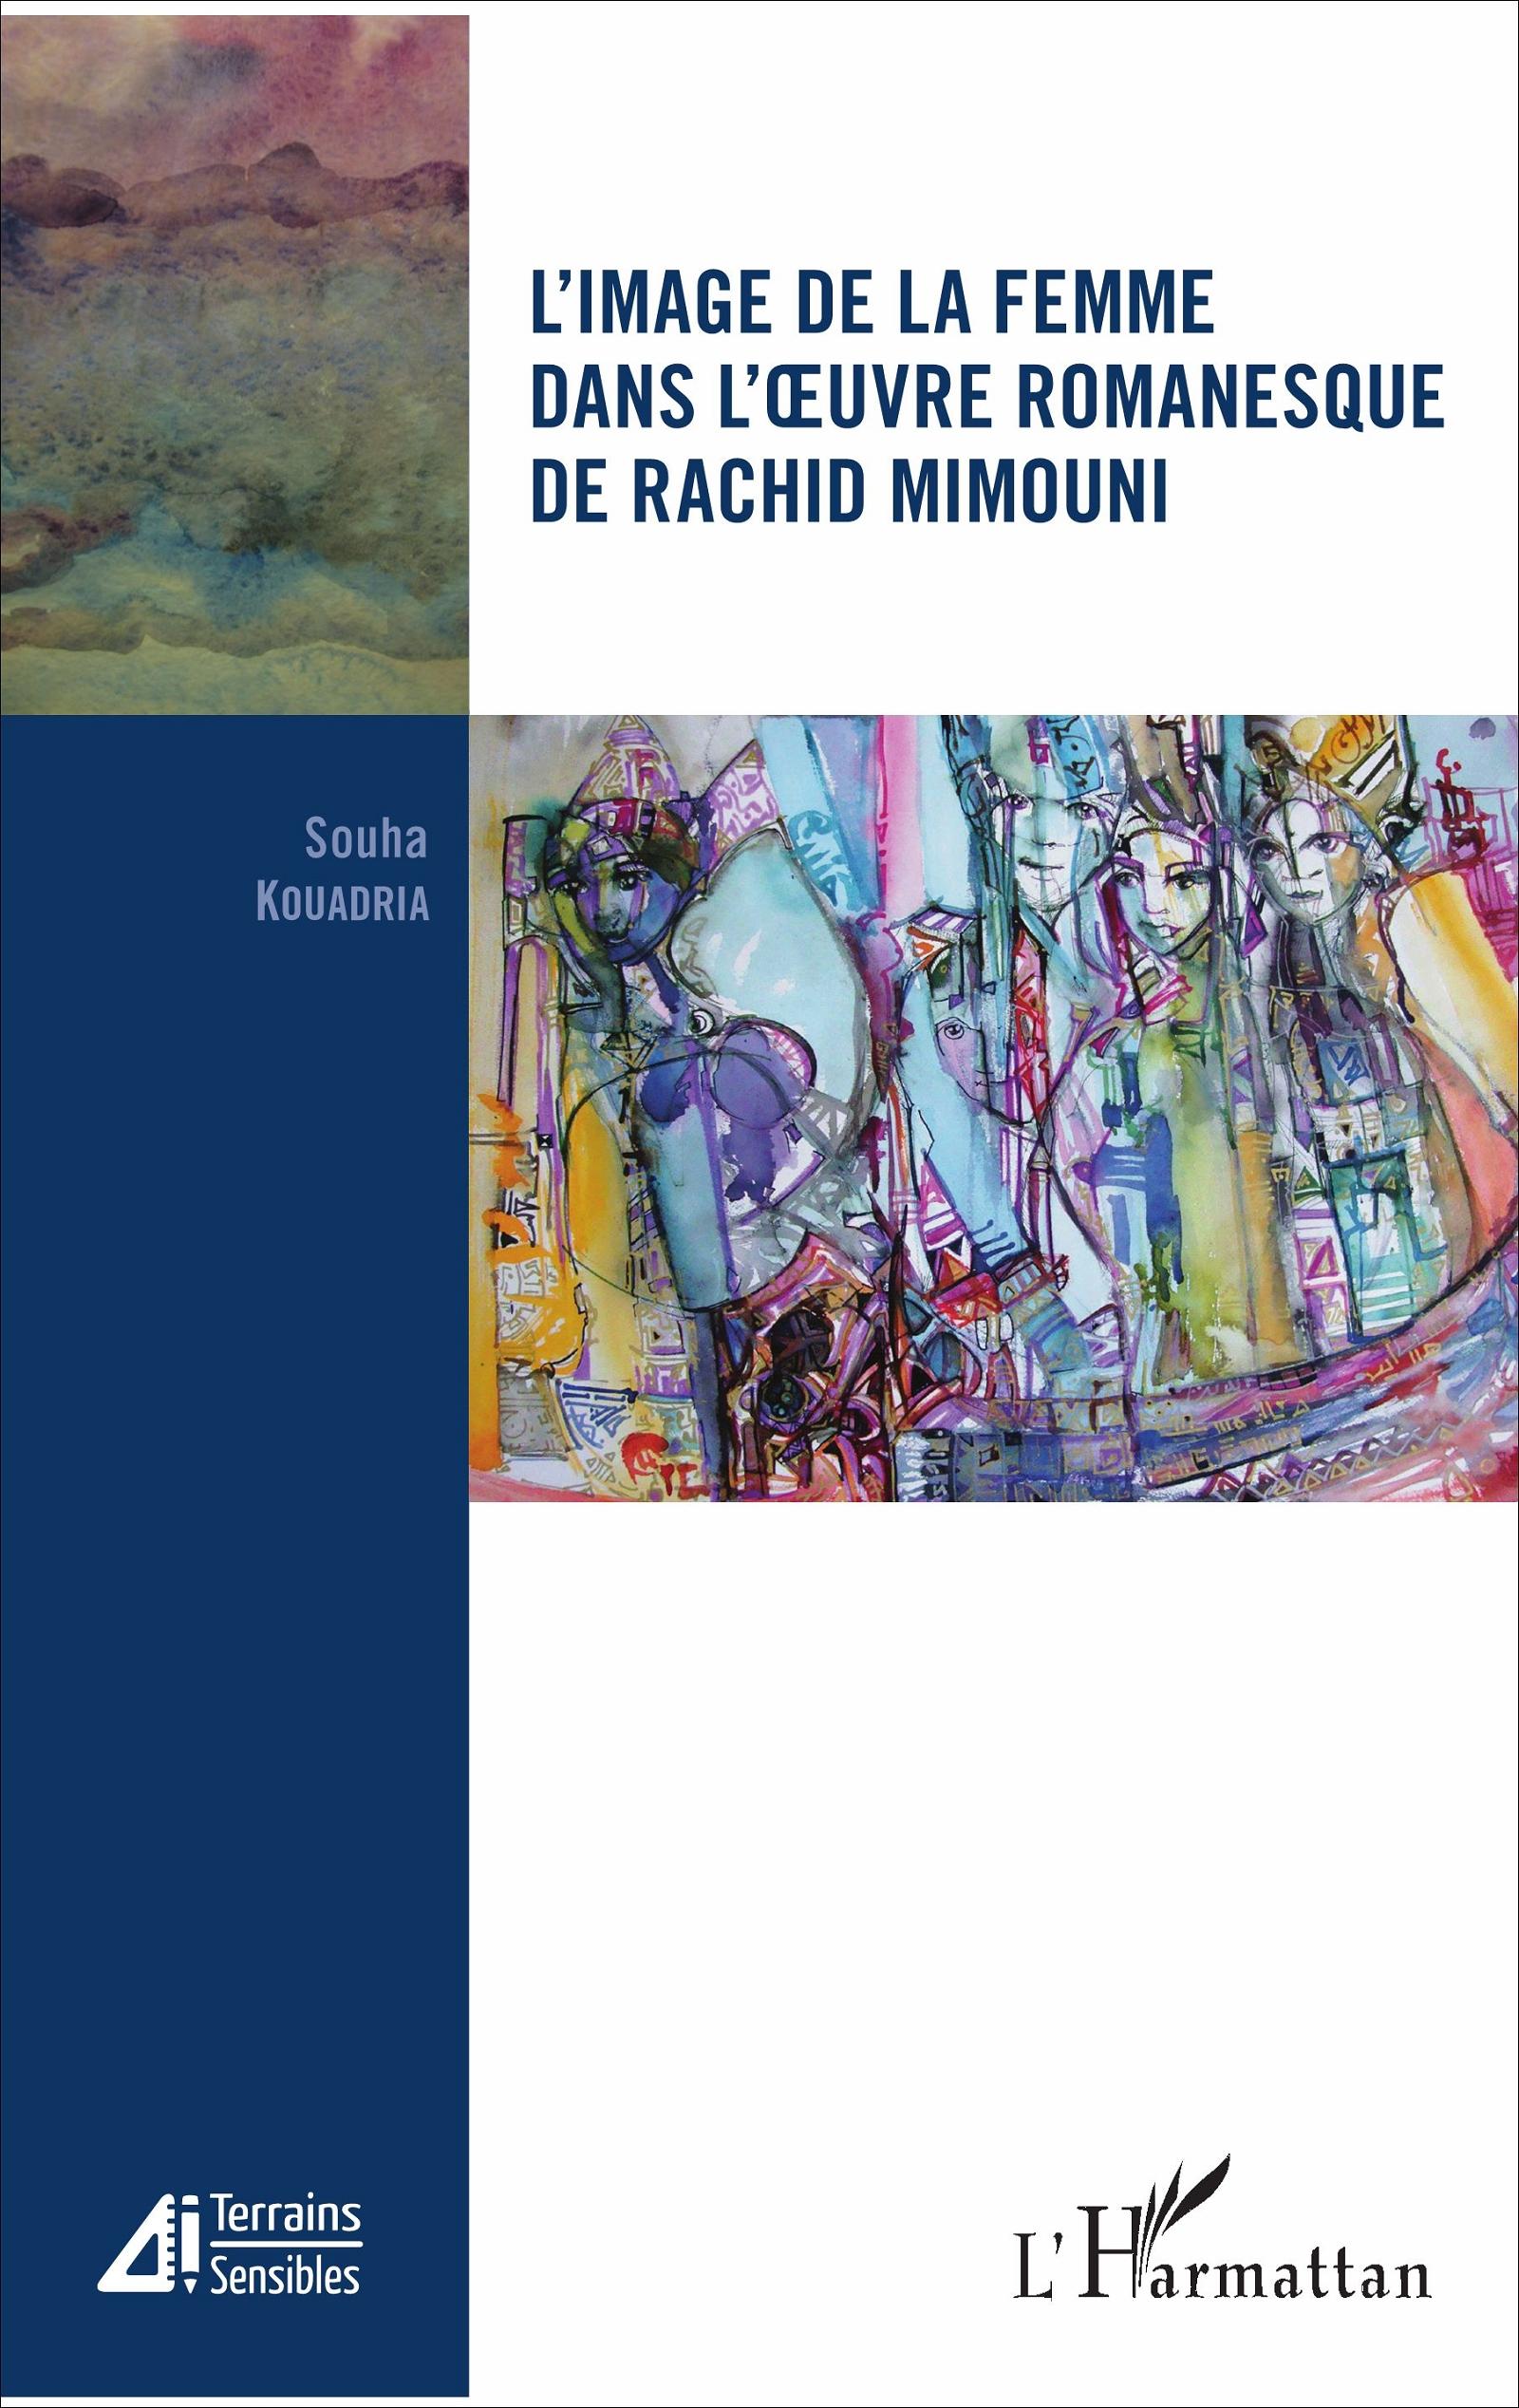 S. Kouadria, L'Image de la femme dans l'oeuvre romanesque de Rachid Mimouni